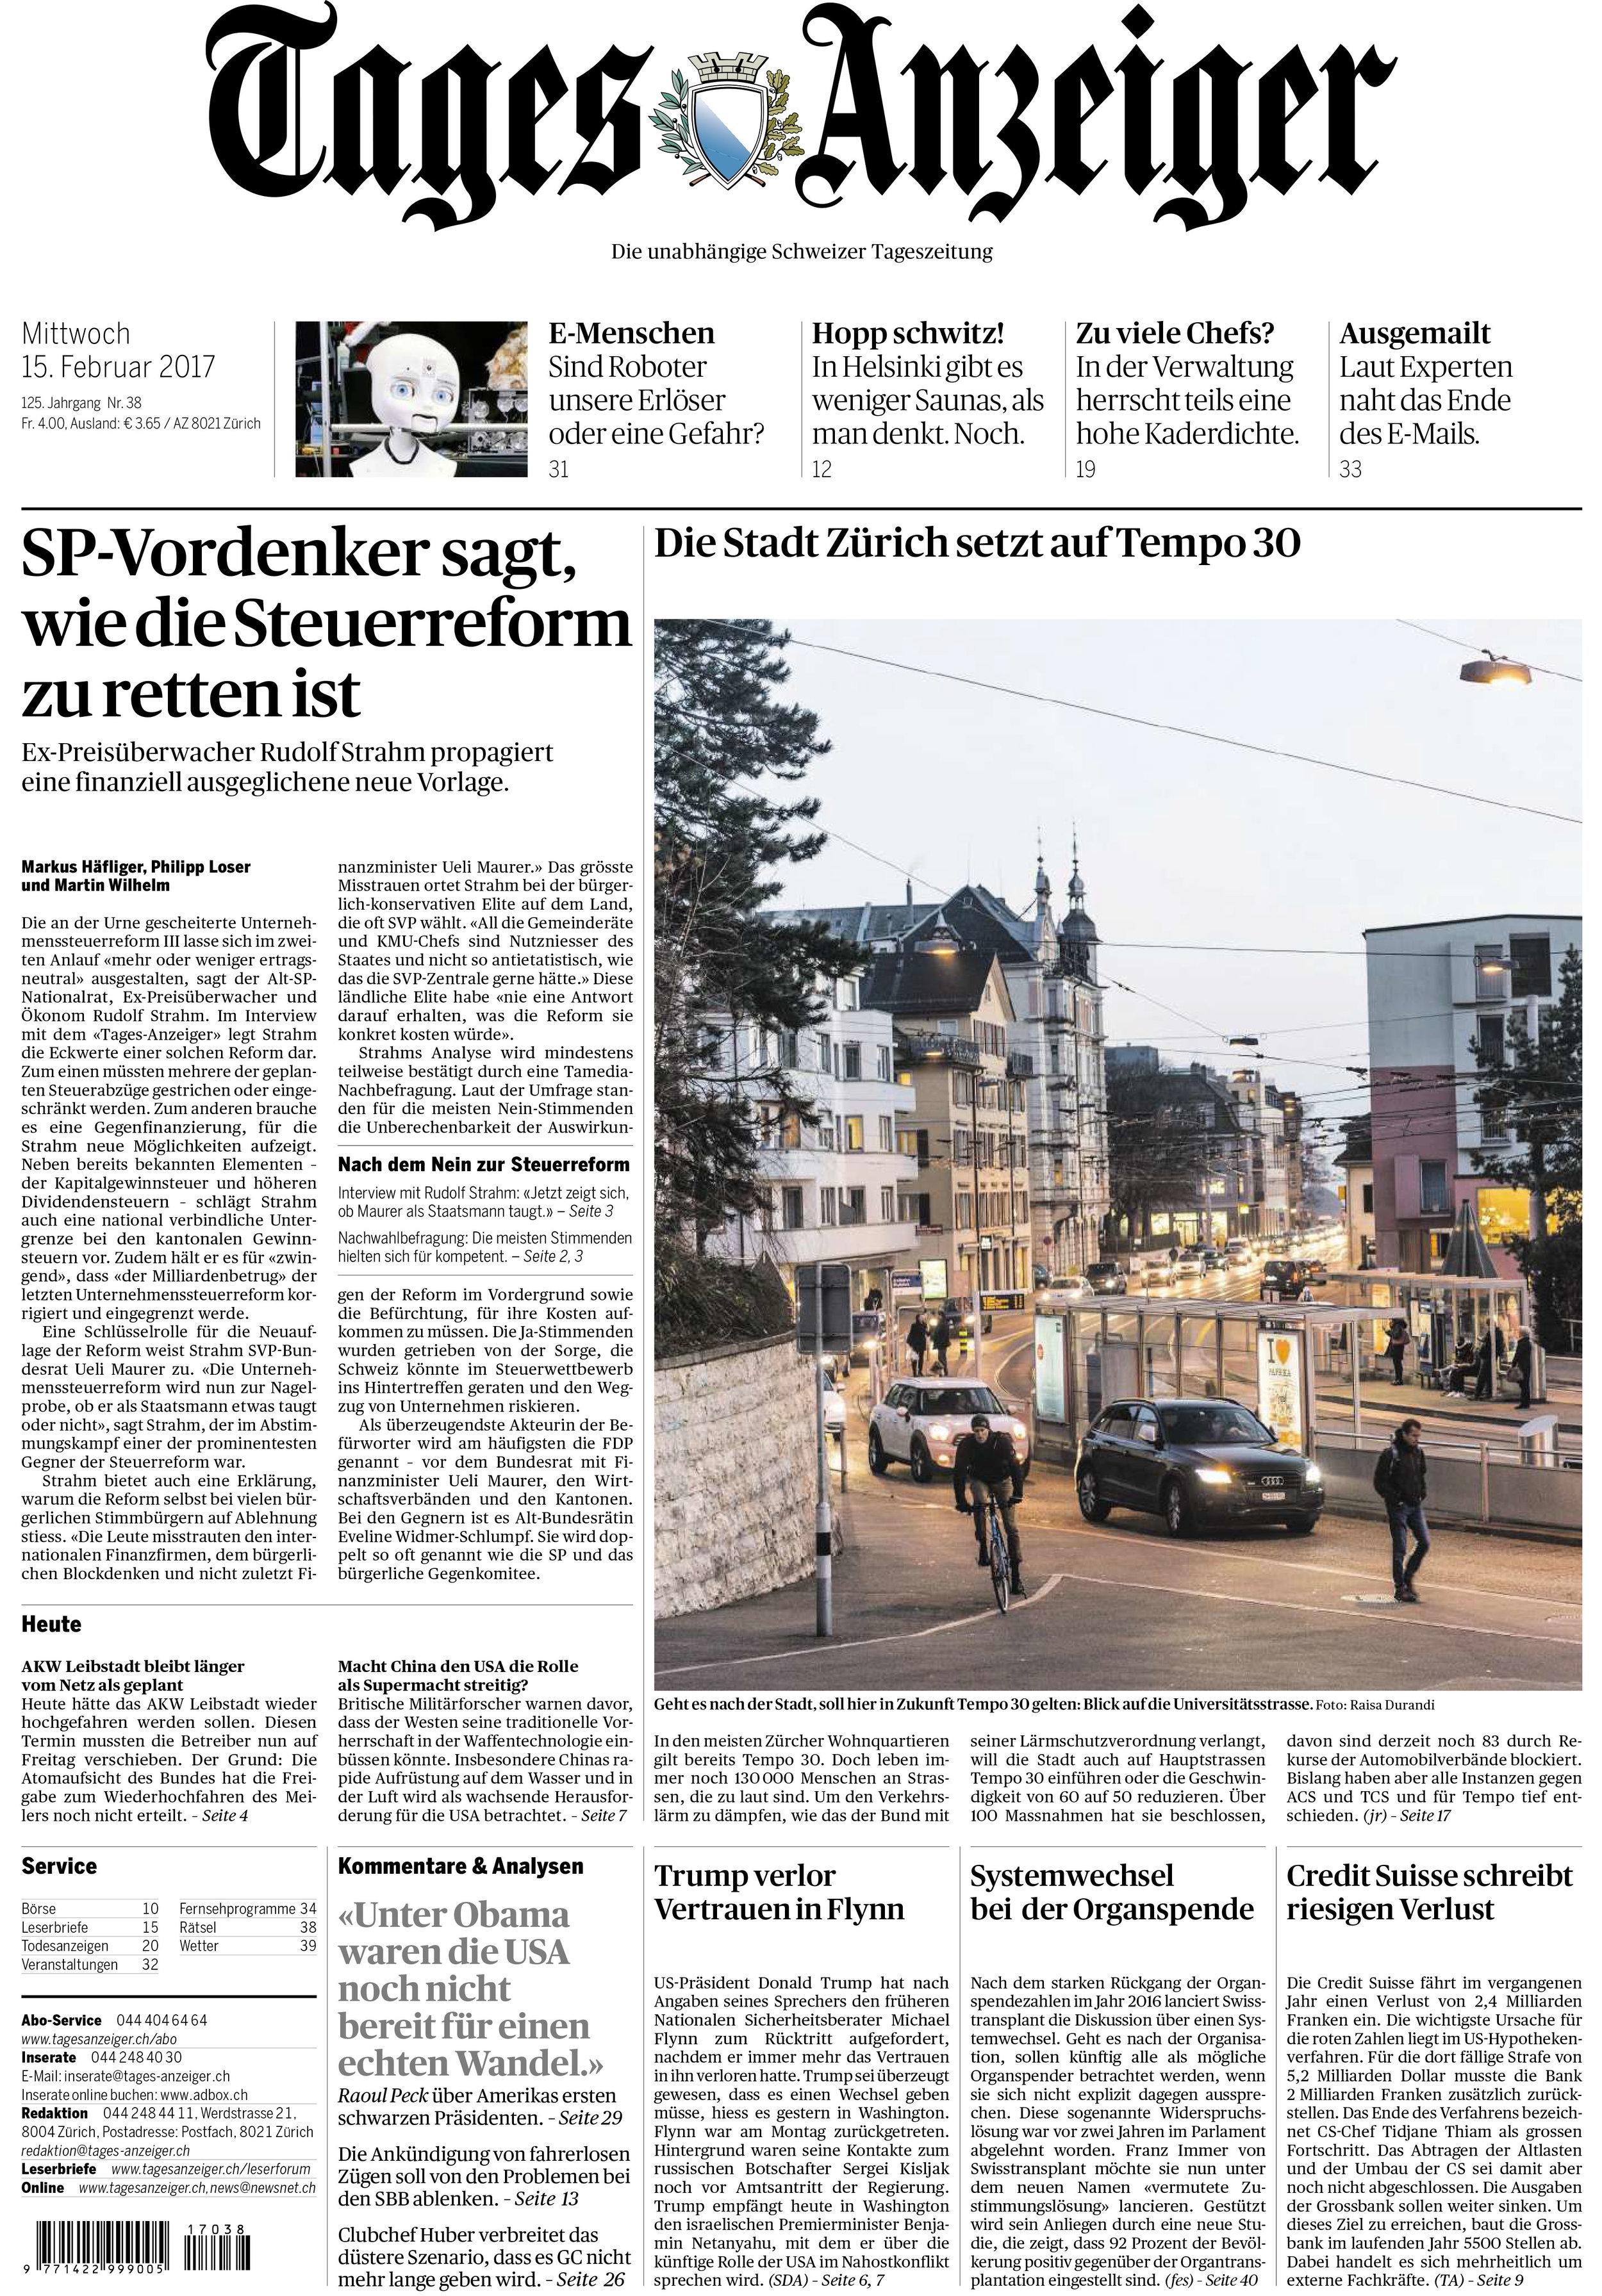 Seite_1_Tages-Anzeiger_2017-02-15.jpg